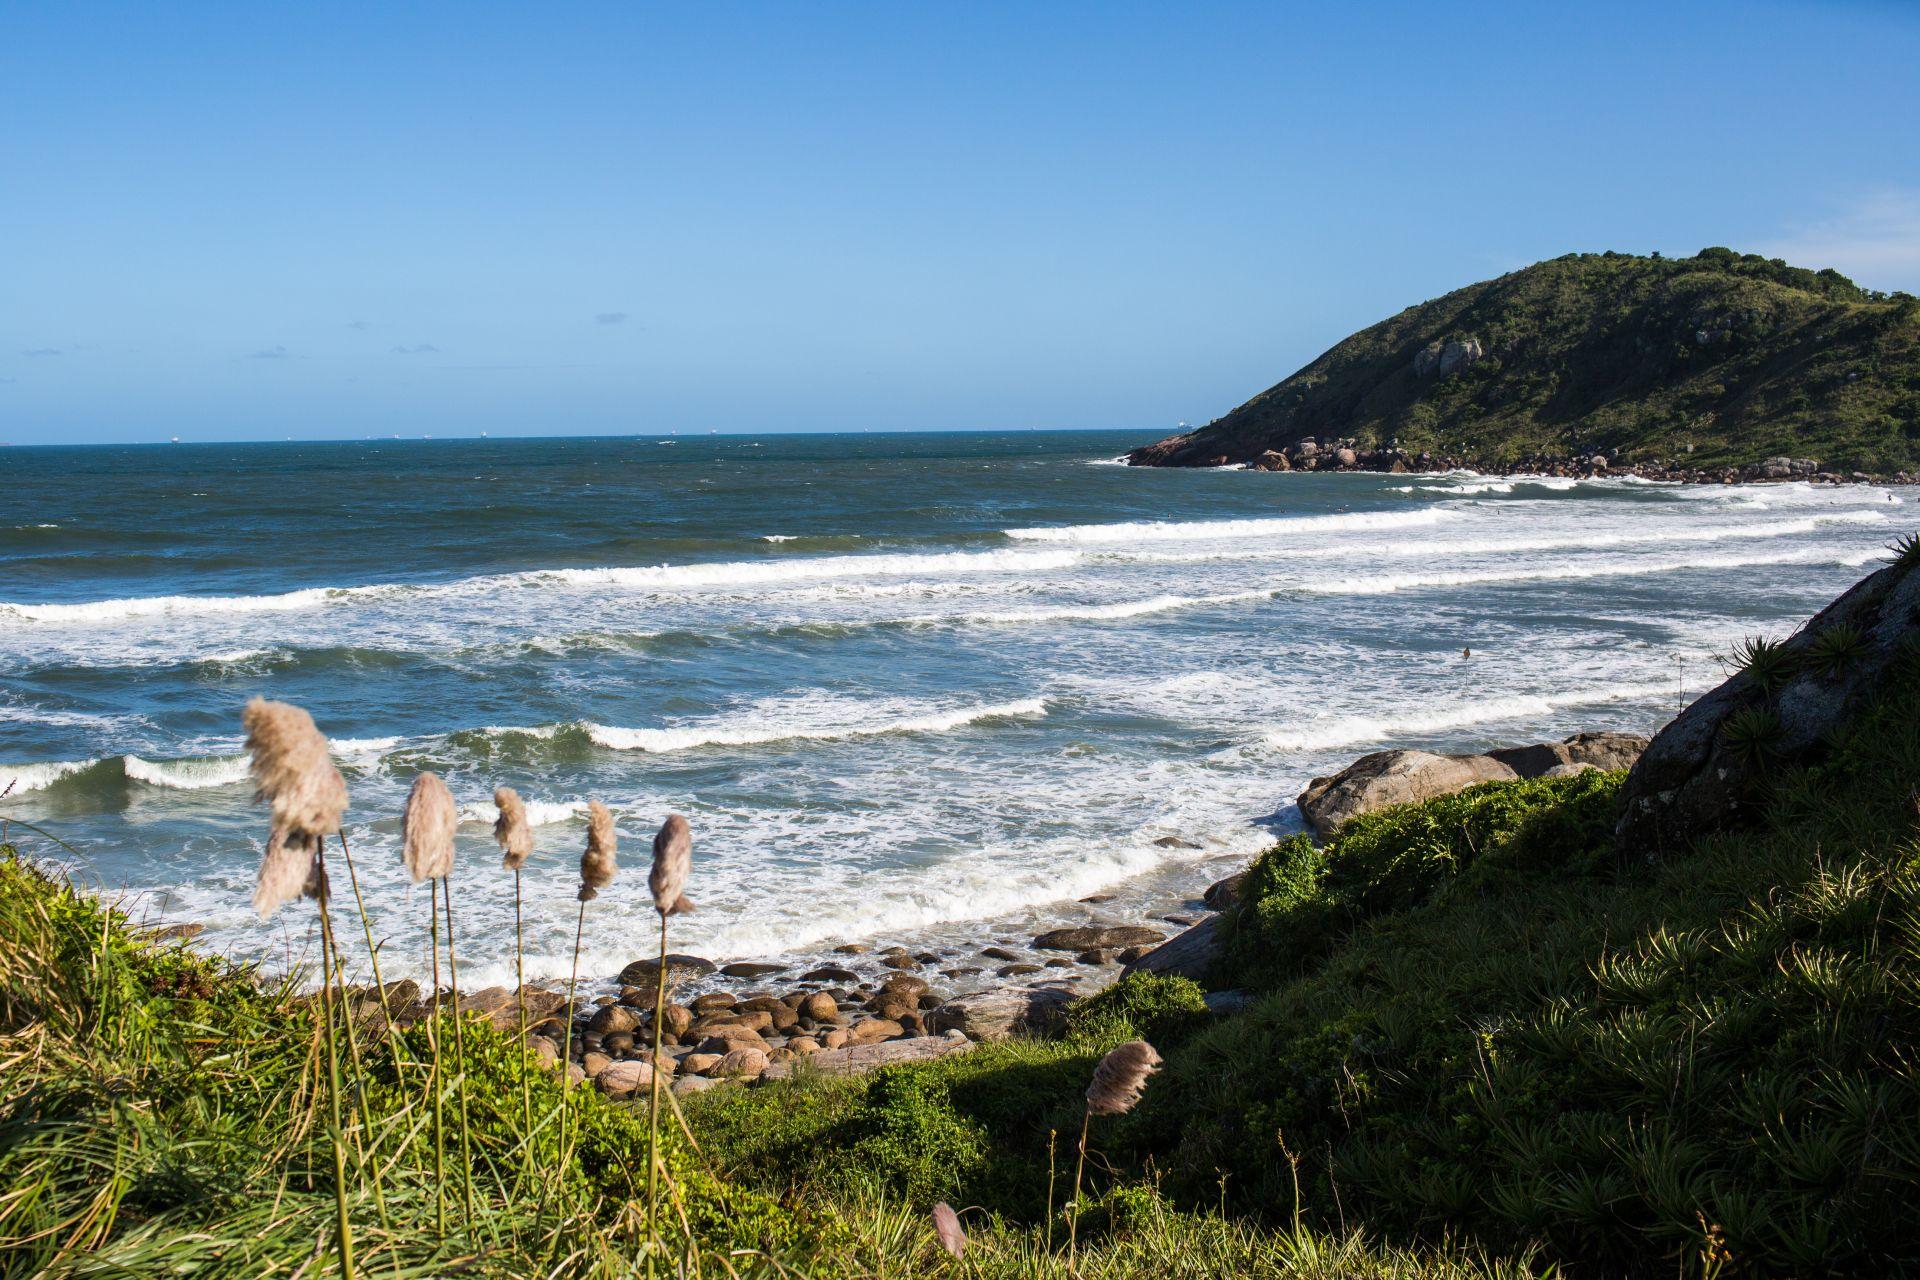 Conheça 8 praias da Ilha do Mel (Foto: Brunno Covello / Gazeta do Povo)